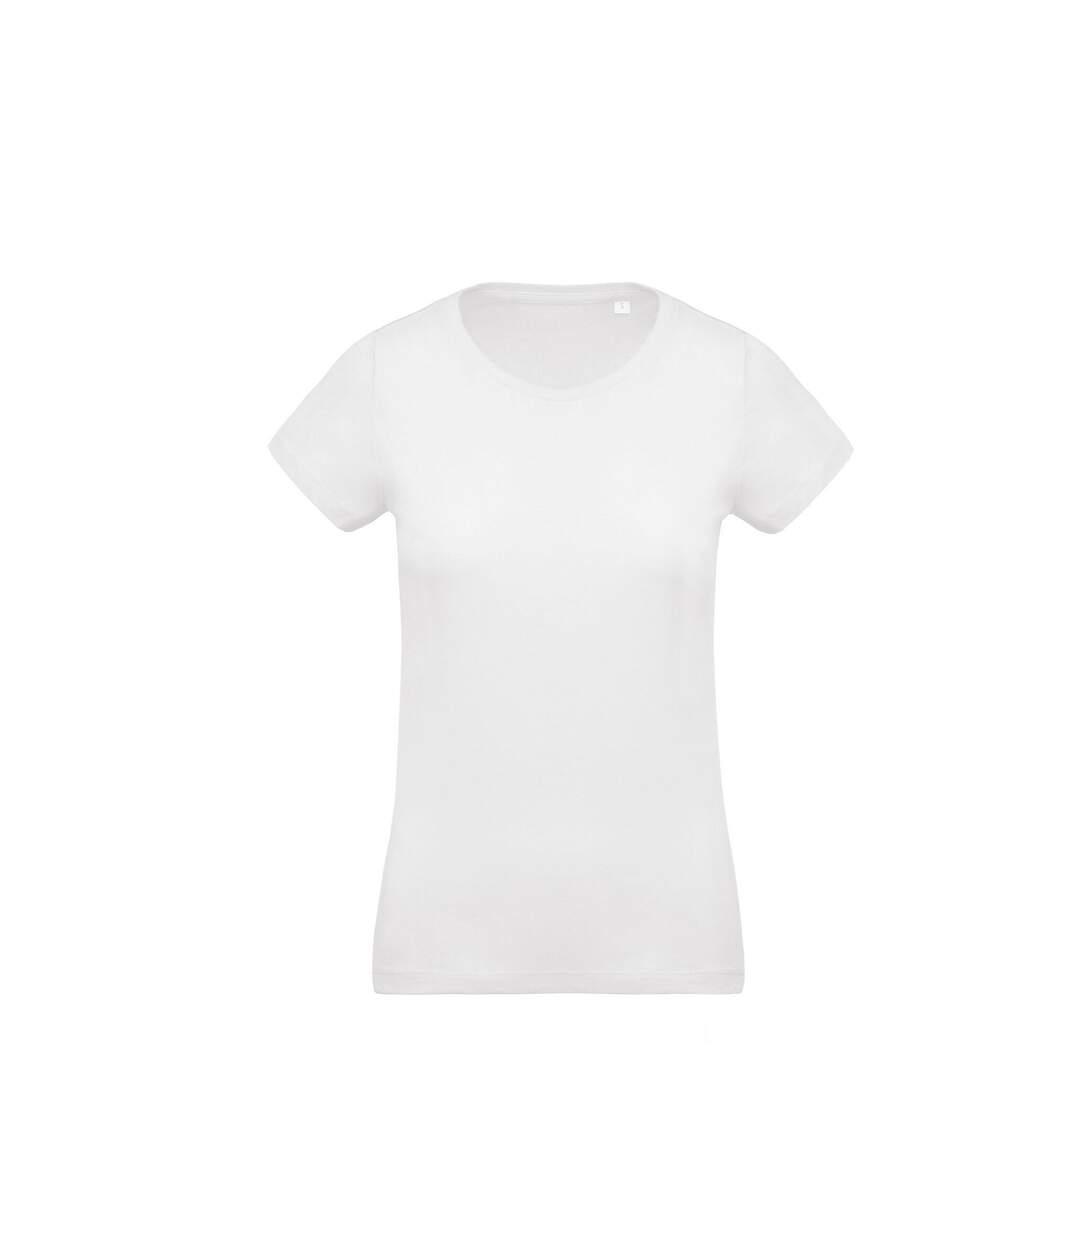 Kariban - T-Shirt - Femme (Blanc) - UTPC2988